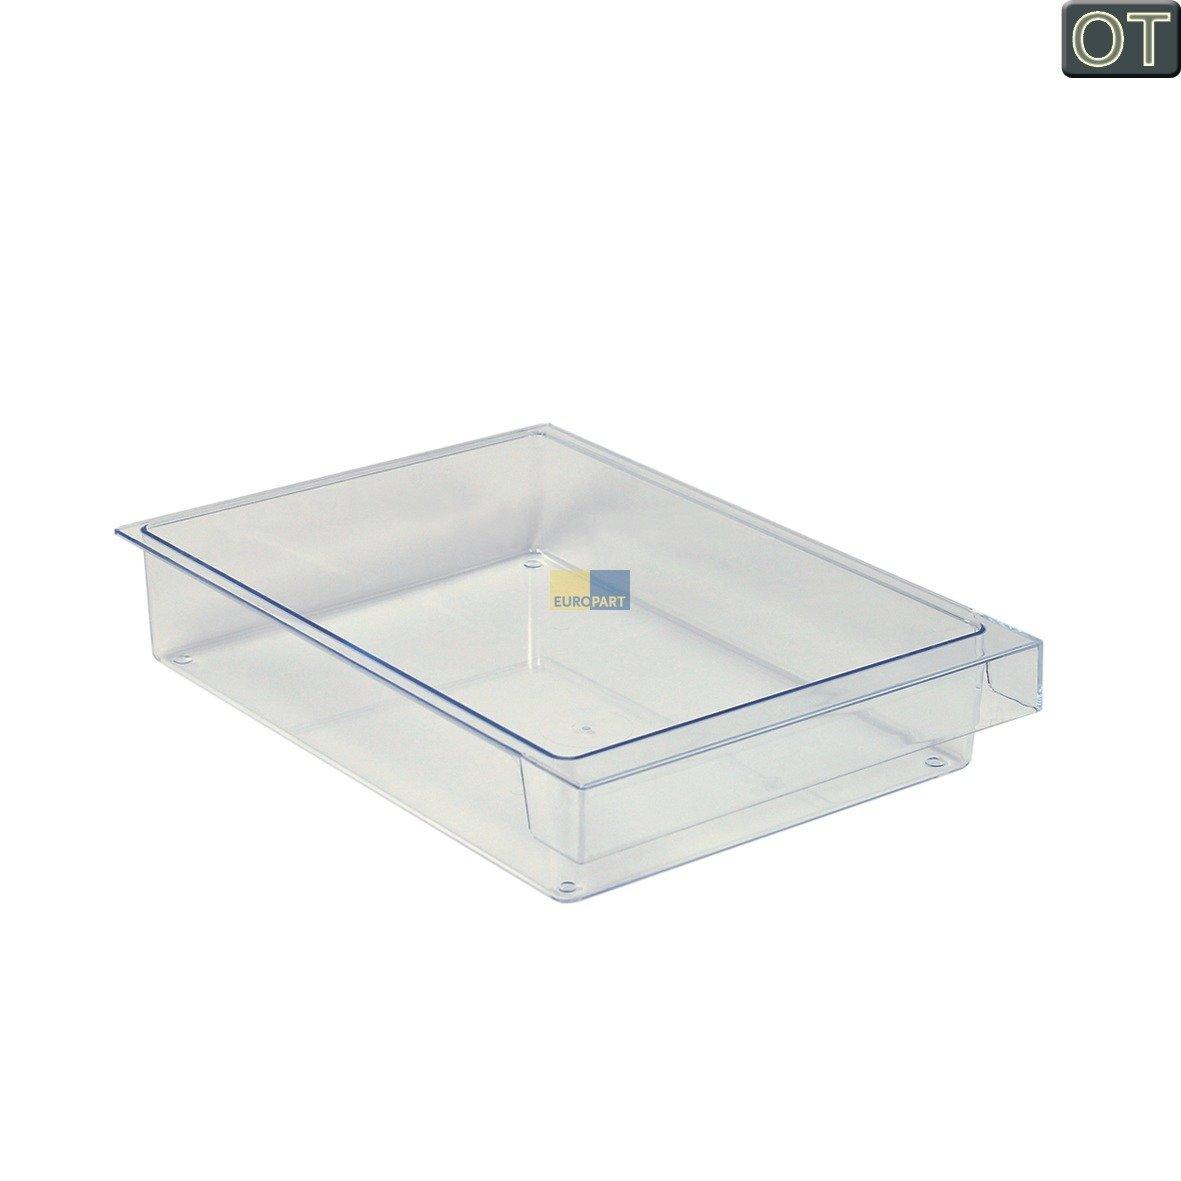 Amazon.de: Bosch Siemens Neff Schale Schublade 447513 für Kühlschrank